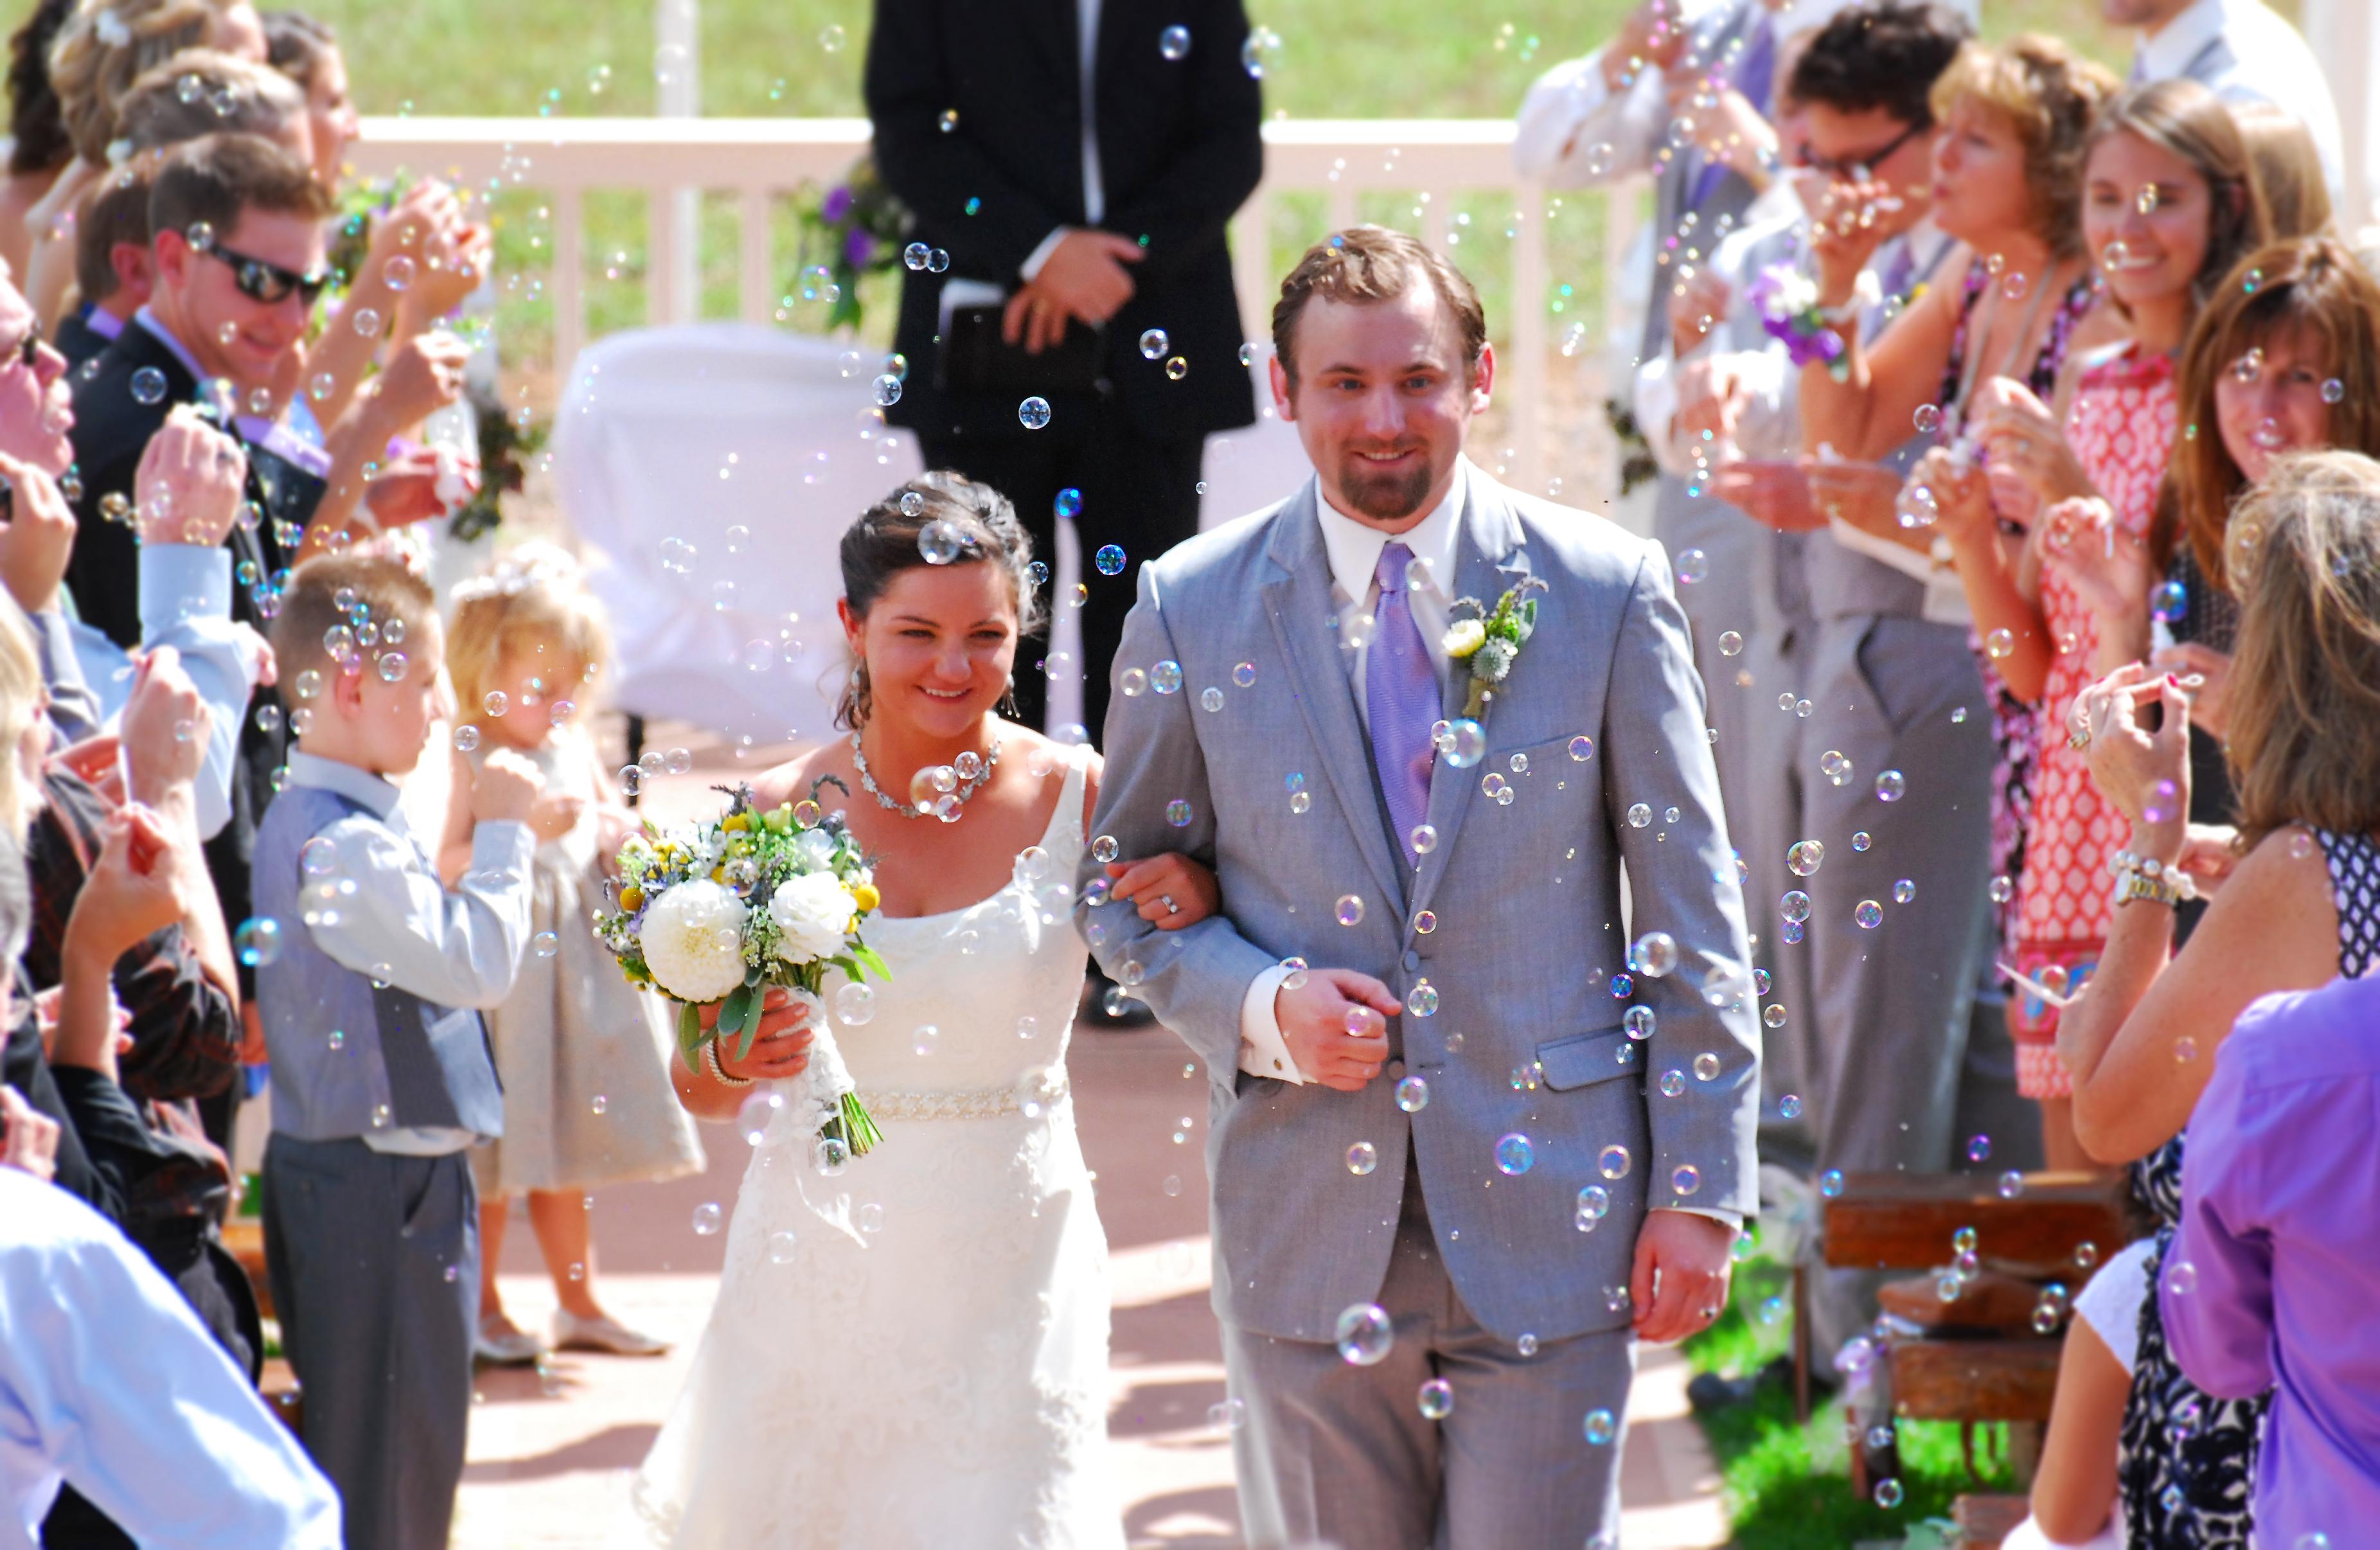 9f5836e530f4 kvinna blomma ceremoni brud händelse bröllop tradition blomsterarrangemang  blombukett brudgum floristik lycka brud kläder roligt blommönster